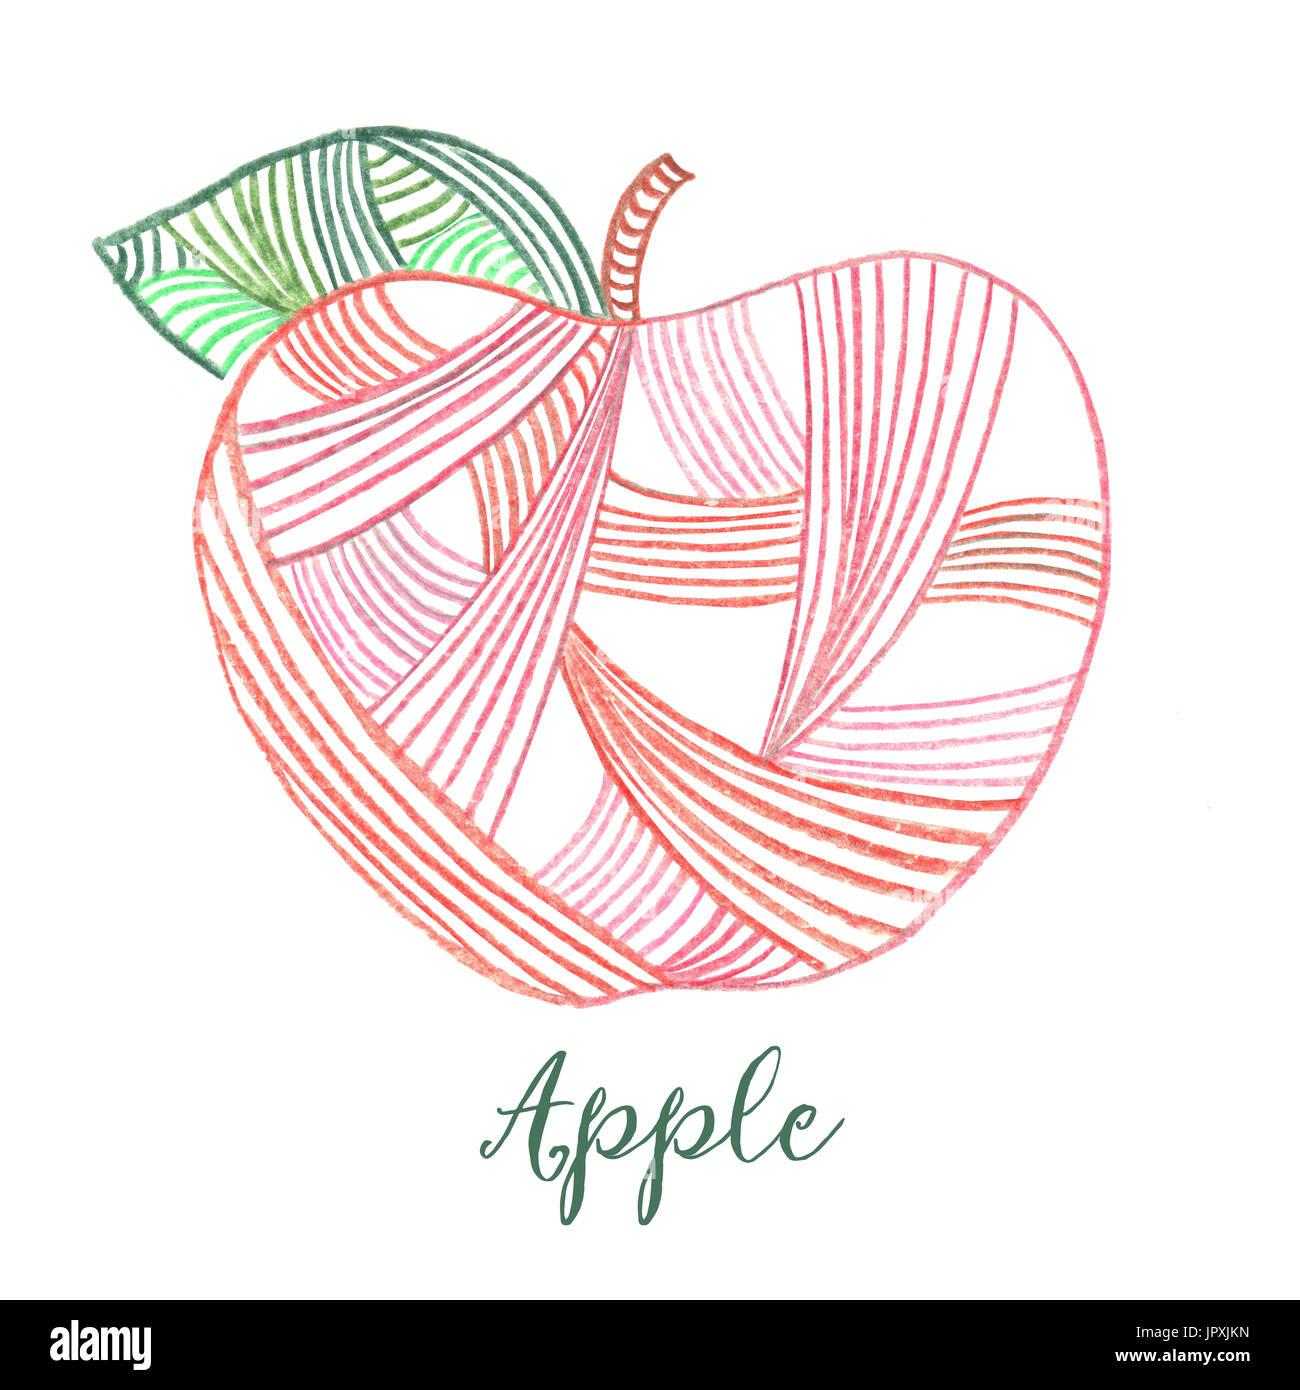 Manzana roja dibujada a mano con líneas Imagen De Stock